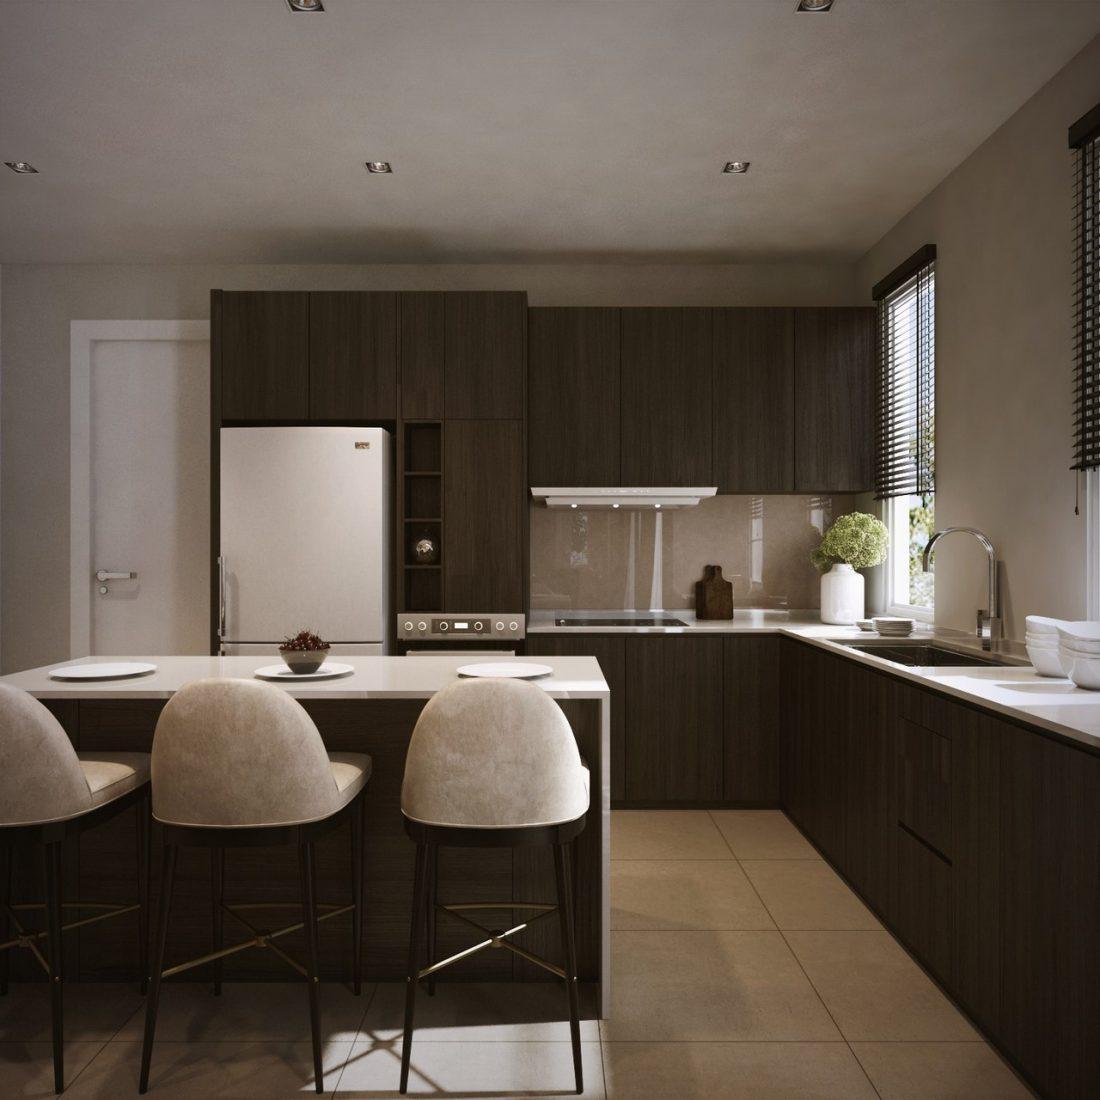 Interior Design SA65 Simpang Ampat Penang Malaysia Dry Kitchen Design v1